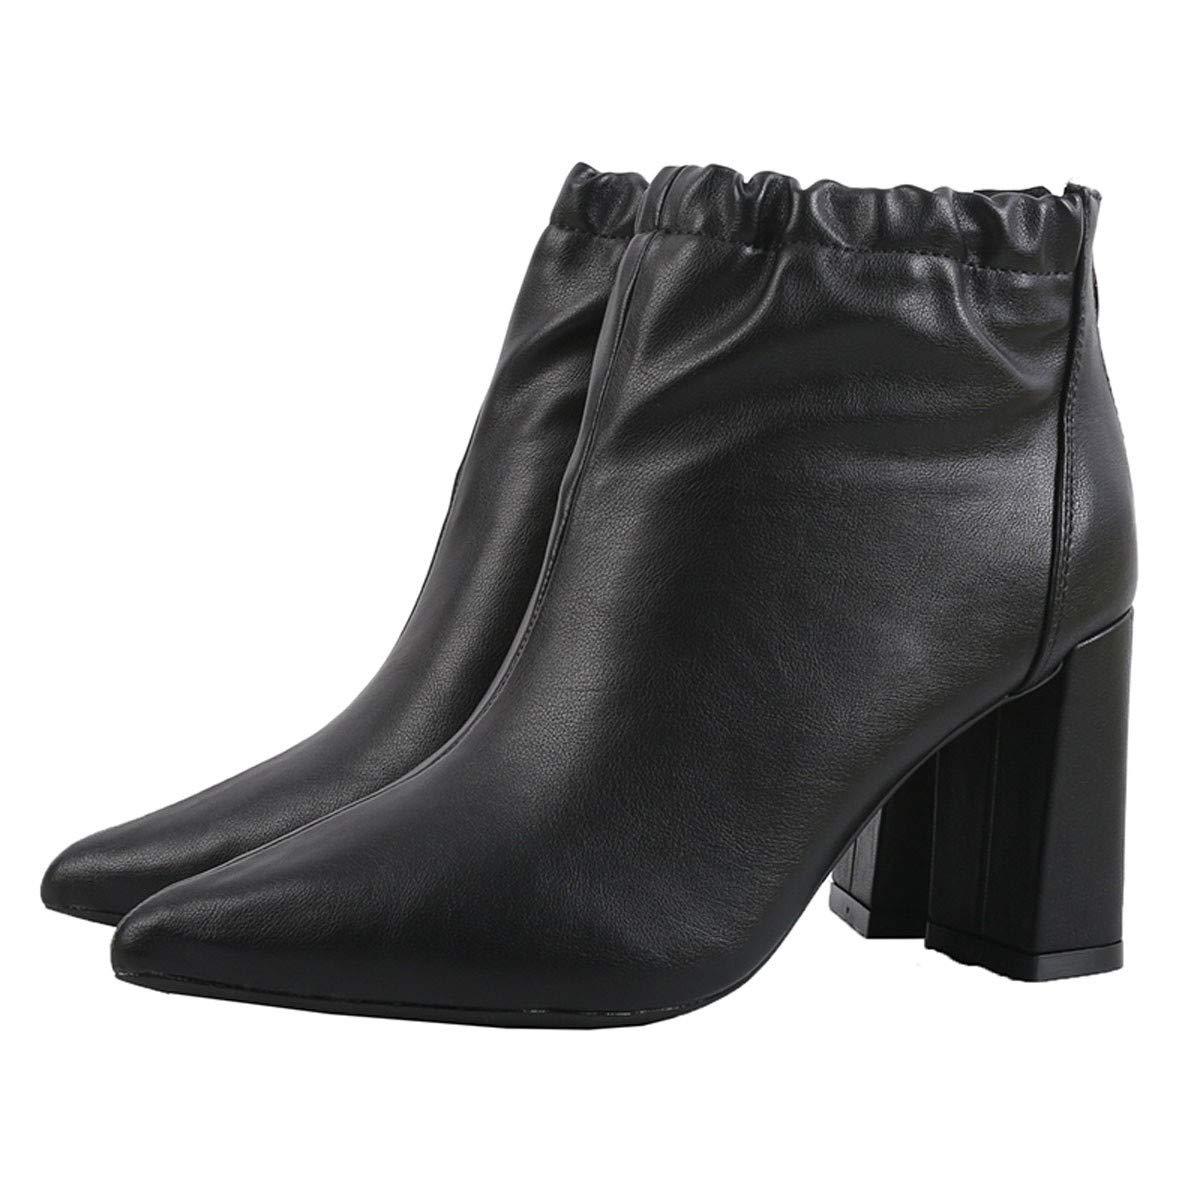 GTVERNH Frauen Schuhe/Mode Stiefel Grob Gesagt Reißverschluss Samt Kurze Stiefel Schuhe/Mode 8Cm High Heels Mode Schuhe Damenschuhe. 83f023